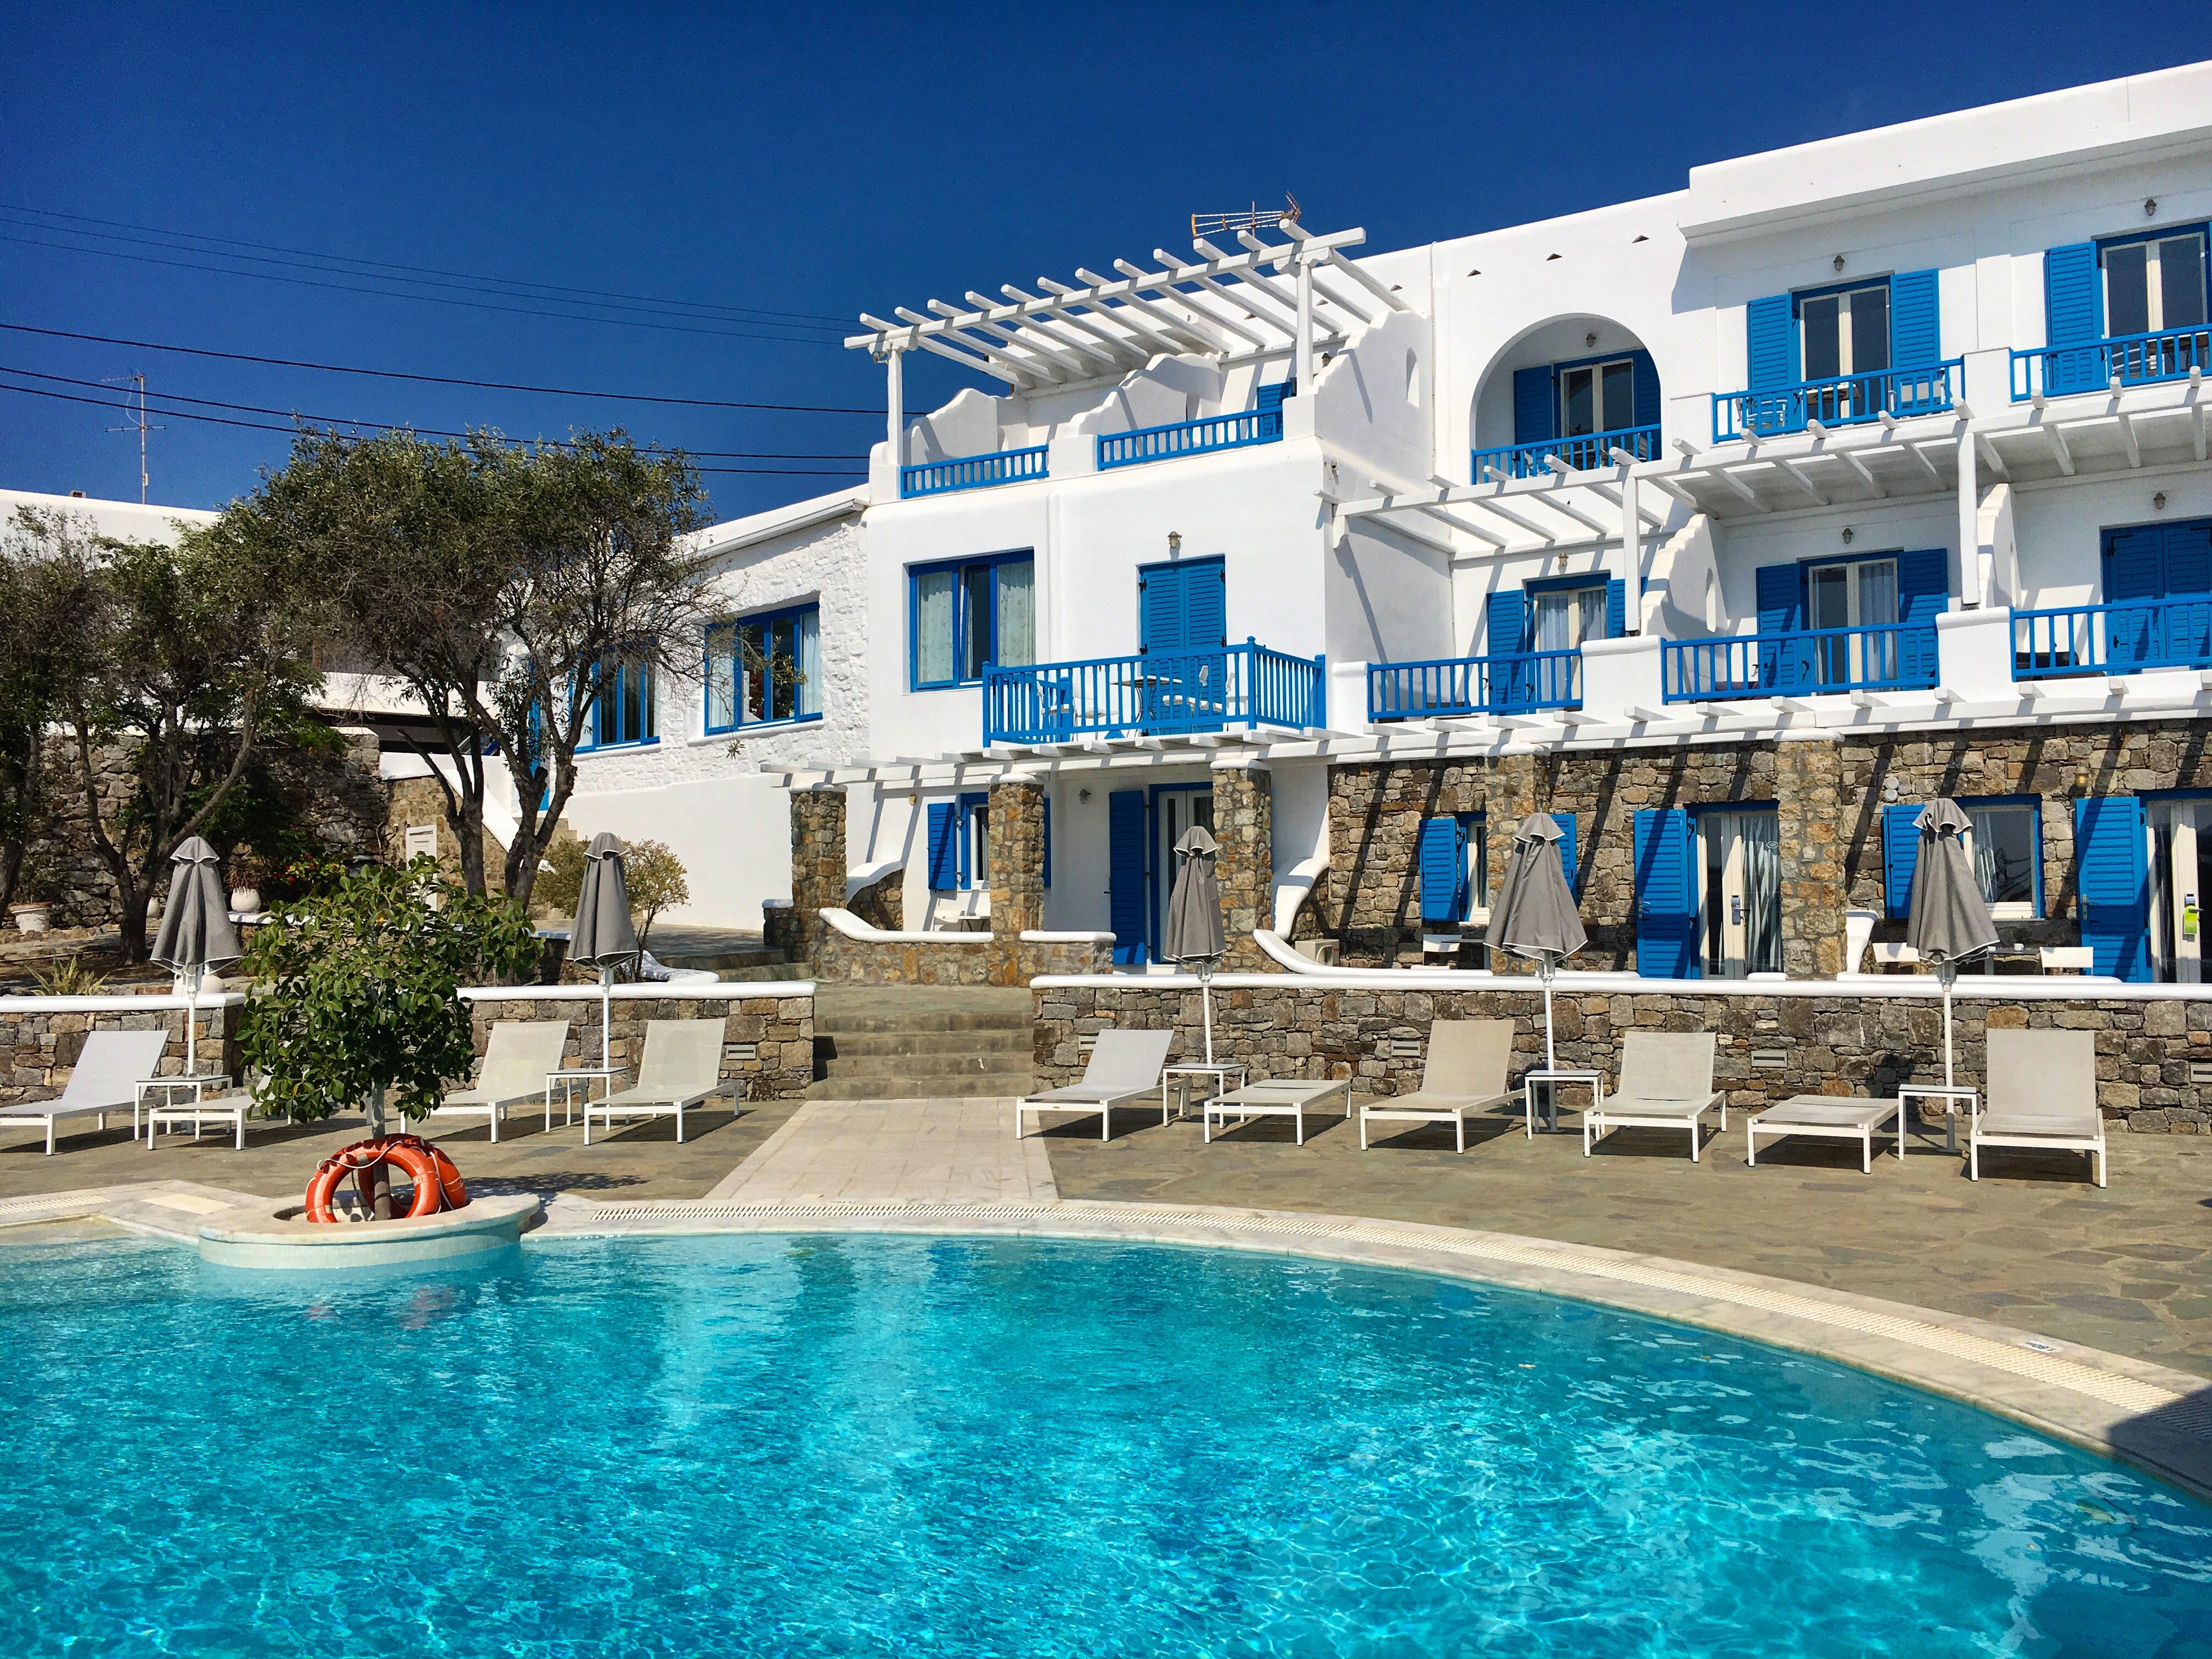 Argo Hotel in Mykonos, Greece